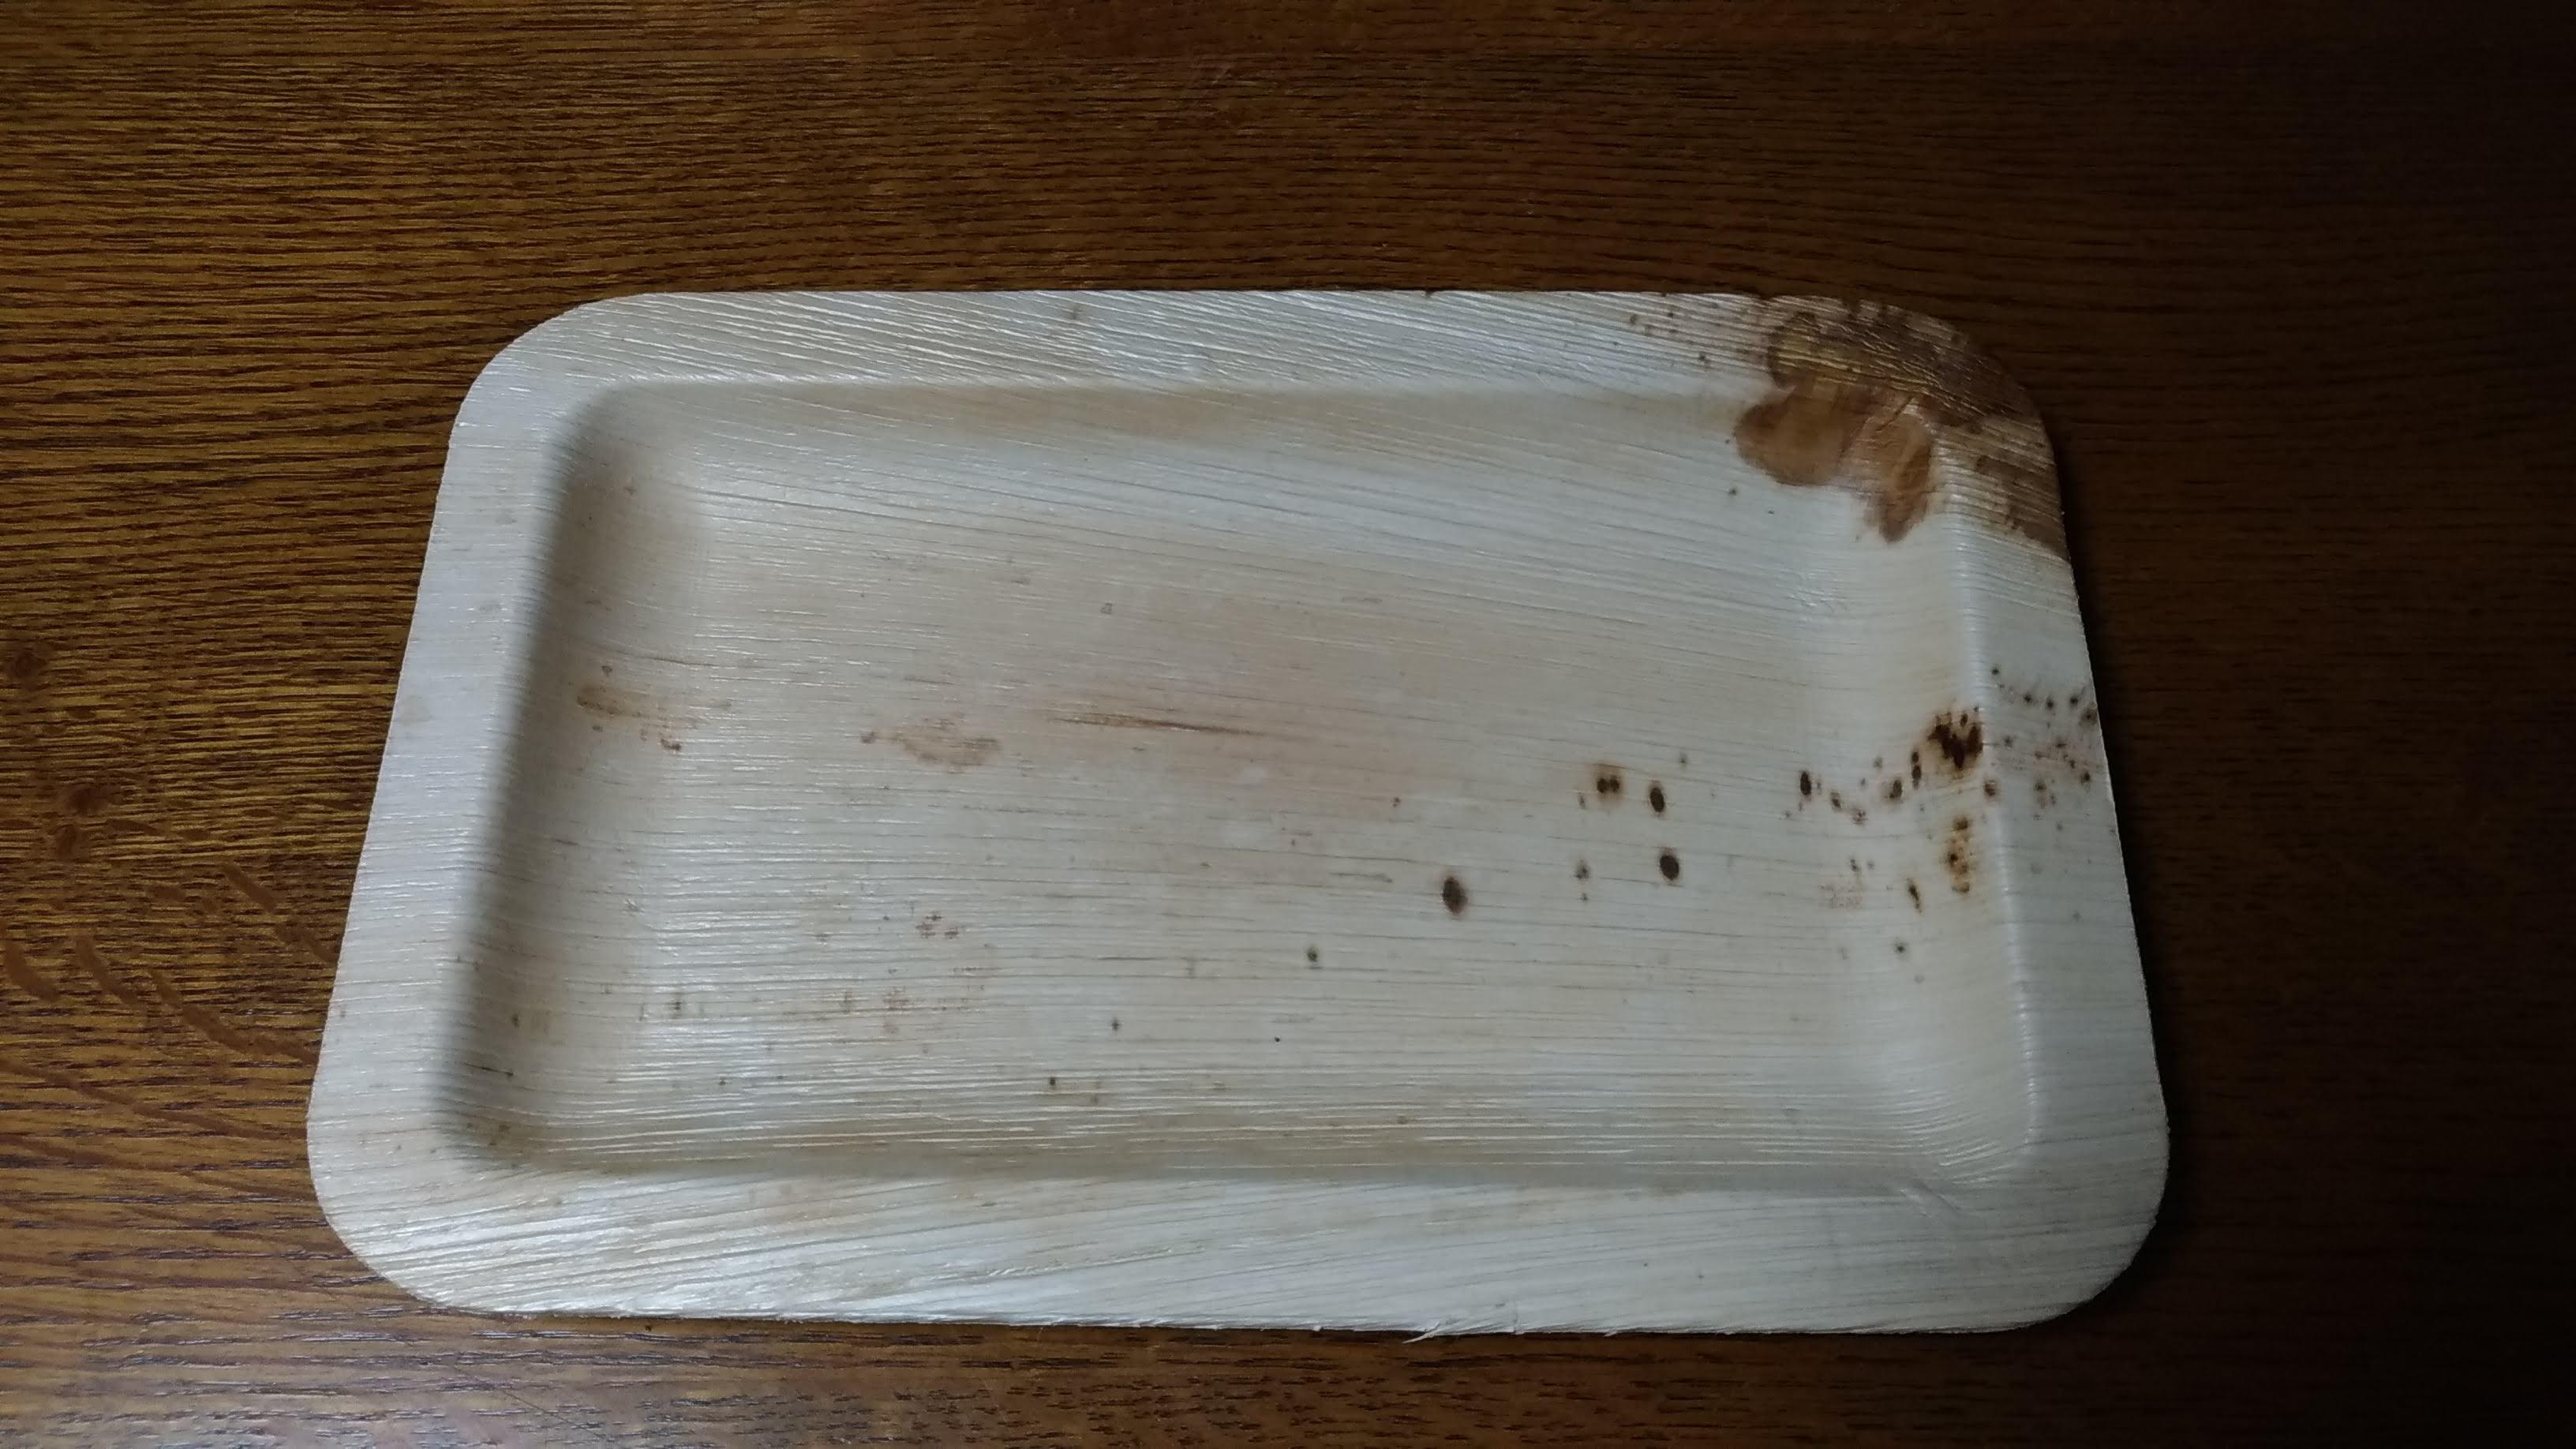 アレカヤシリーフプレート(長方形プレート 28x18 x H1.8 cm)5枚